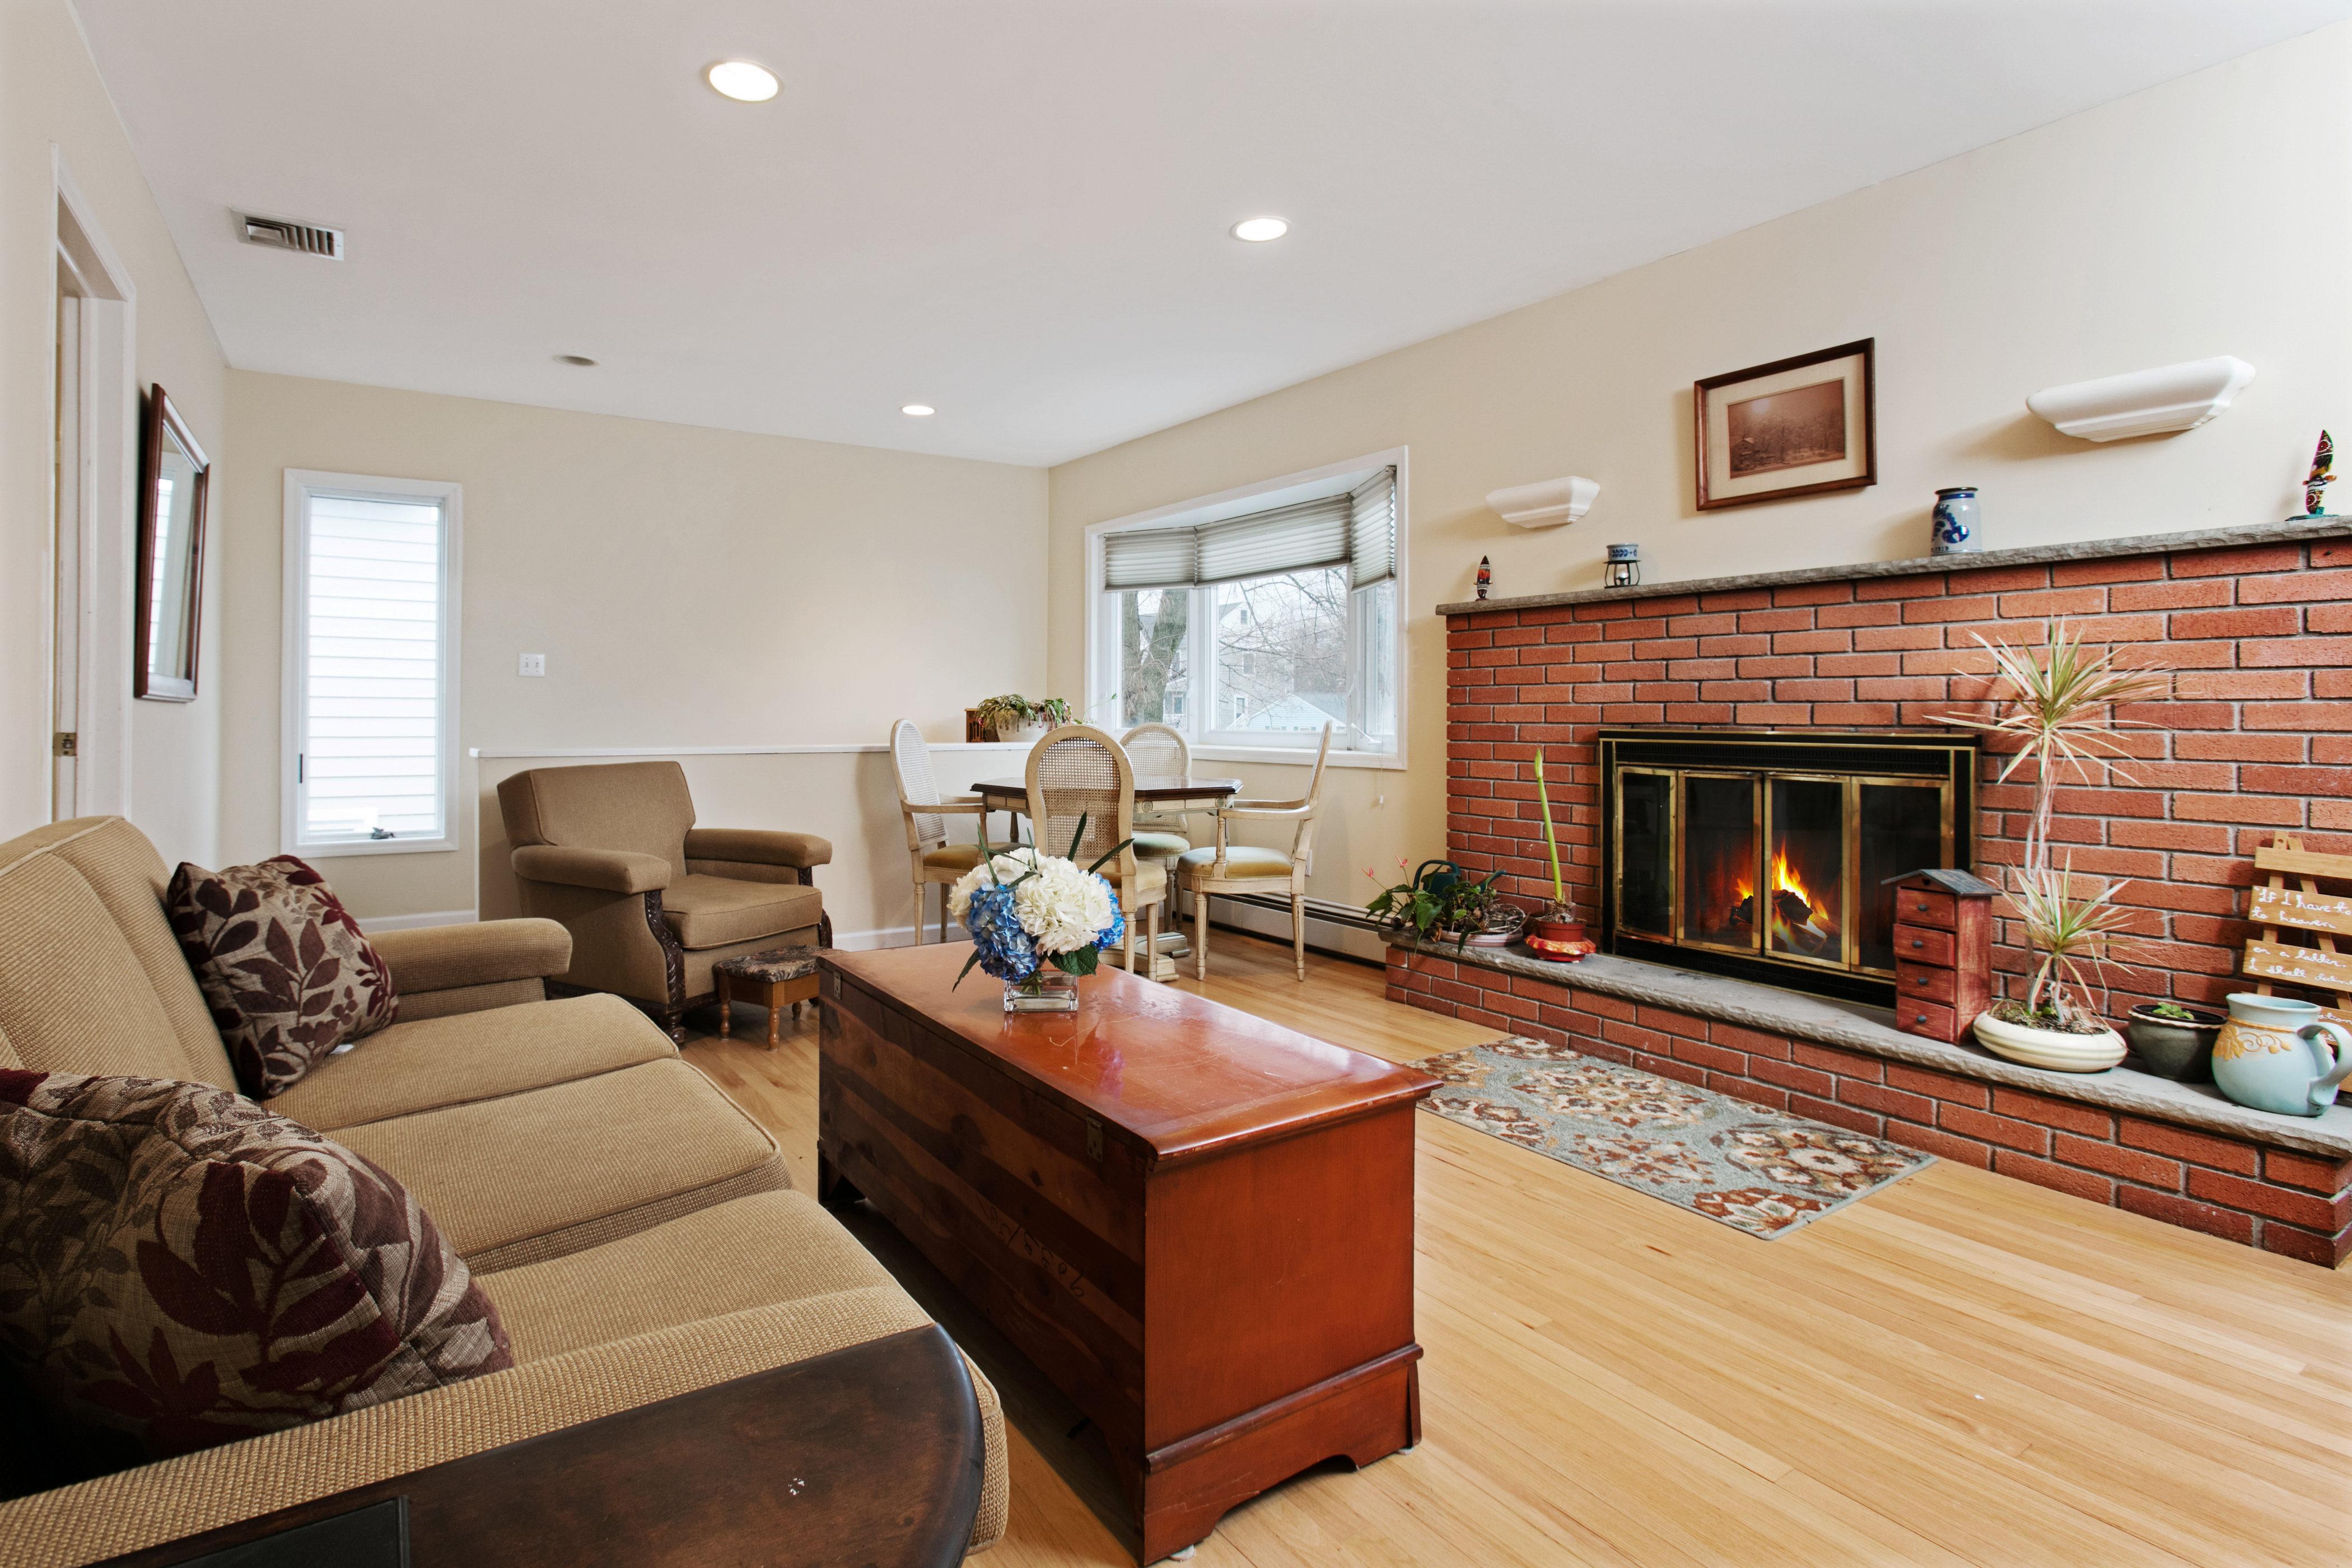 Maison unifamiliale pour l Vente à Unique Home Close to Schools! 302 Brielle Avenue Brielle, New Jersey, 08730 États-Unis